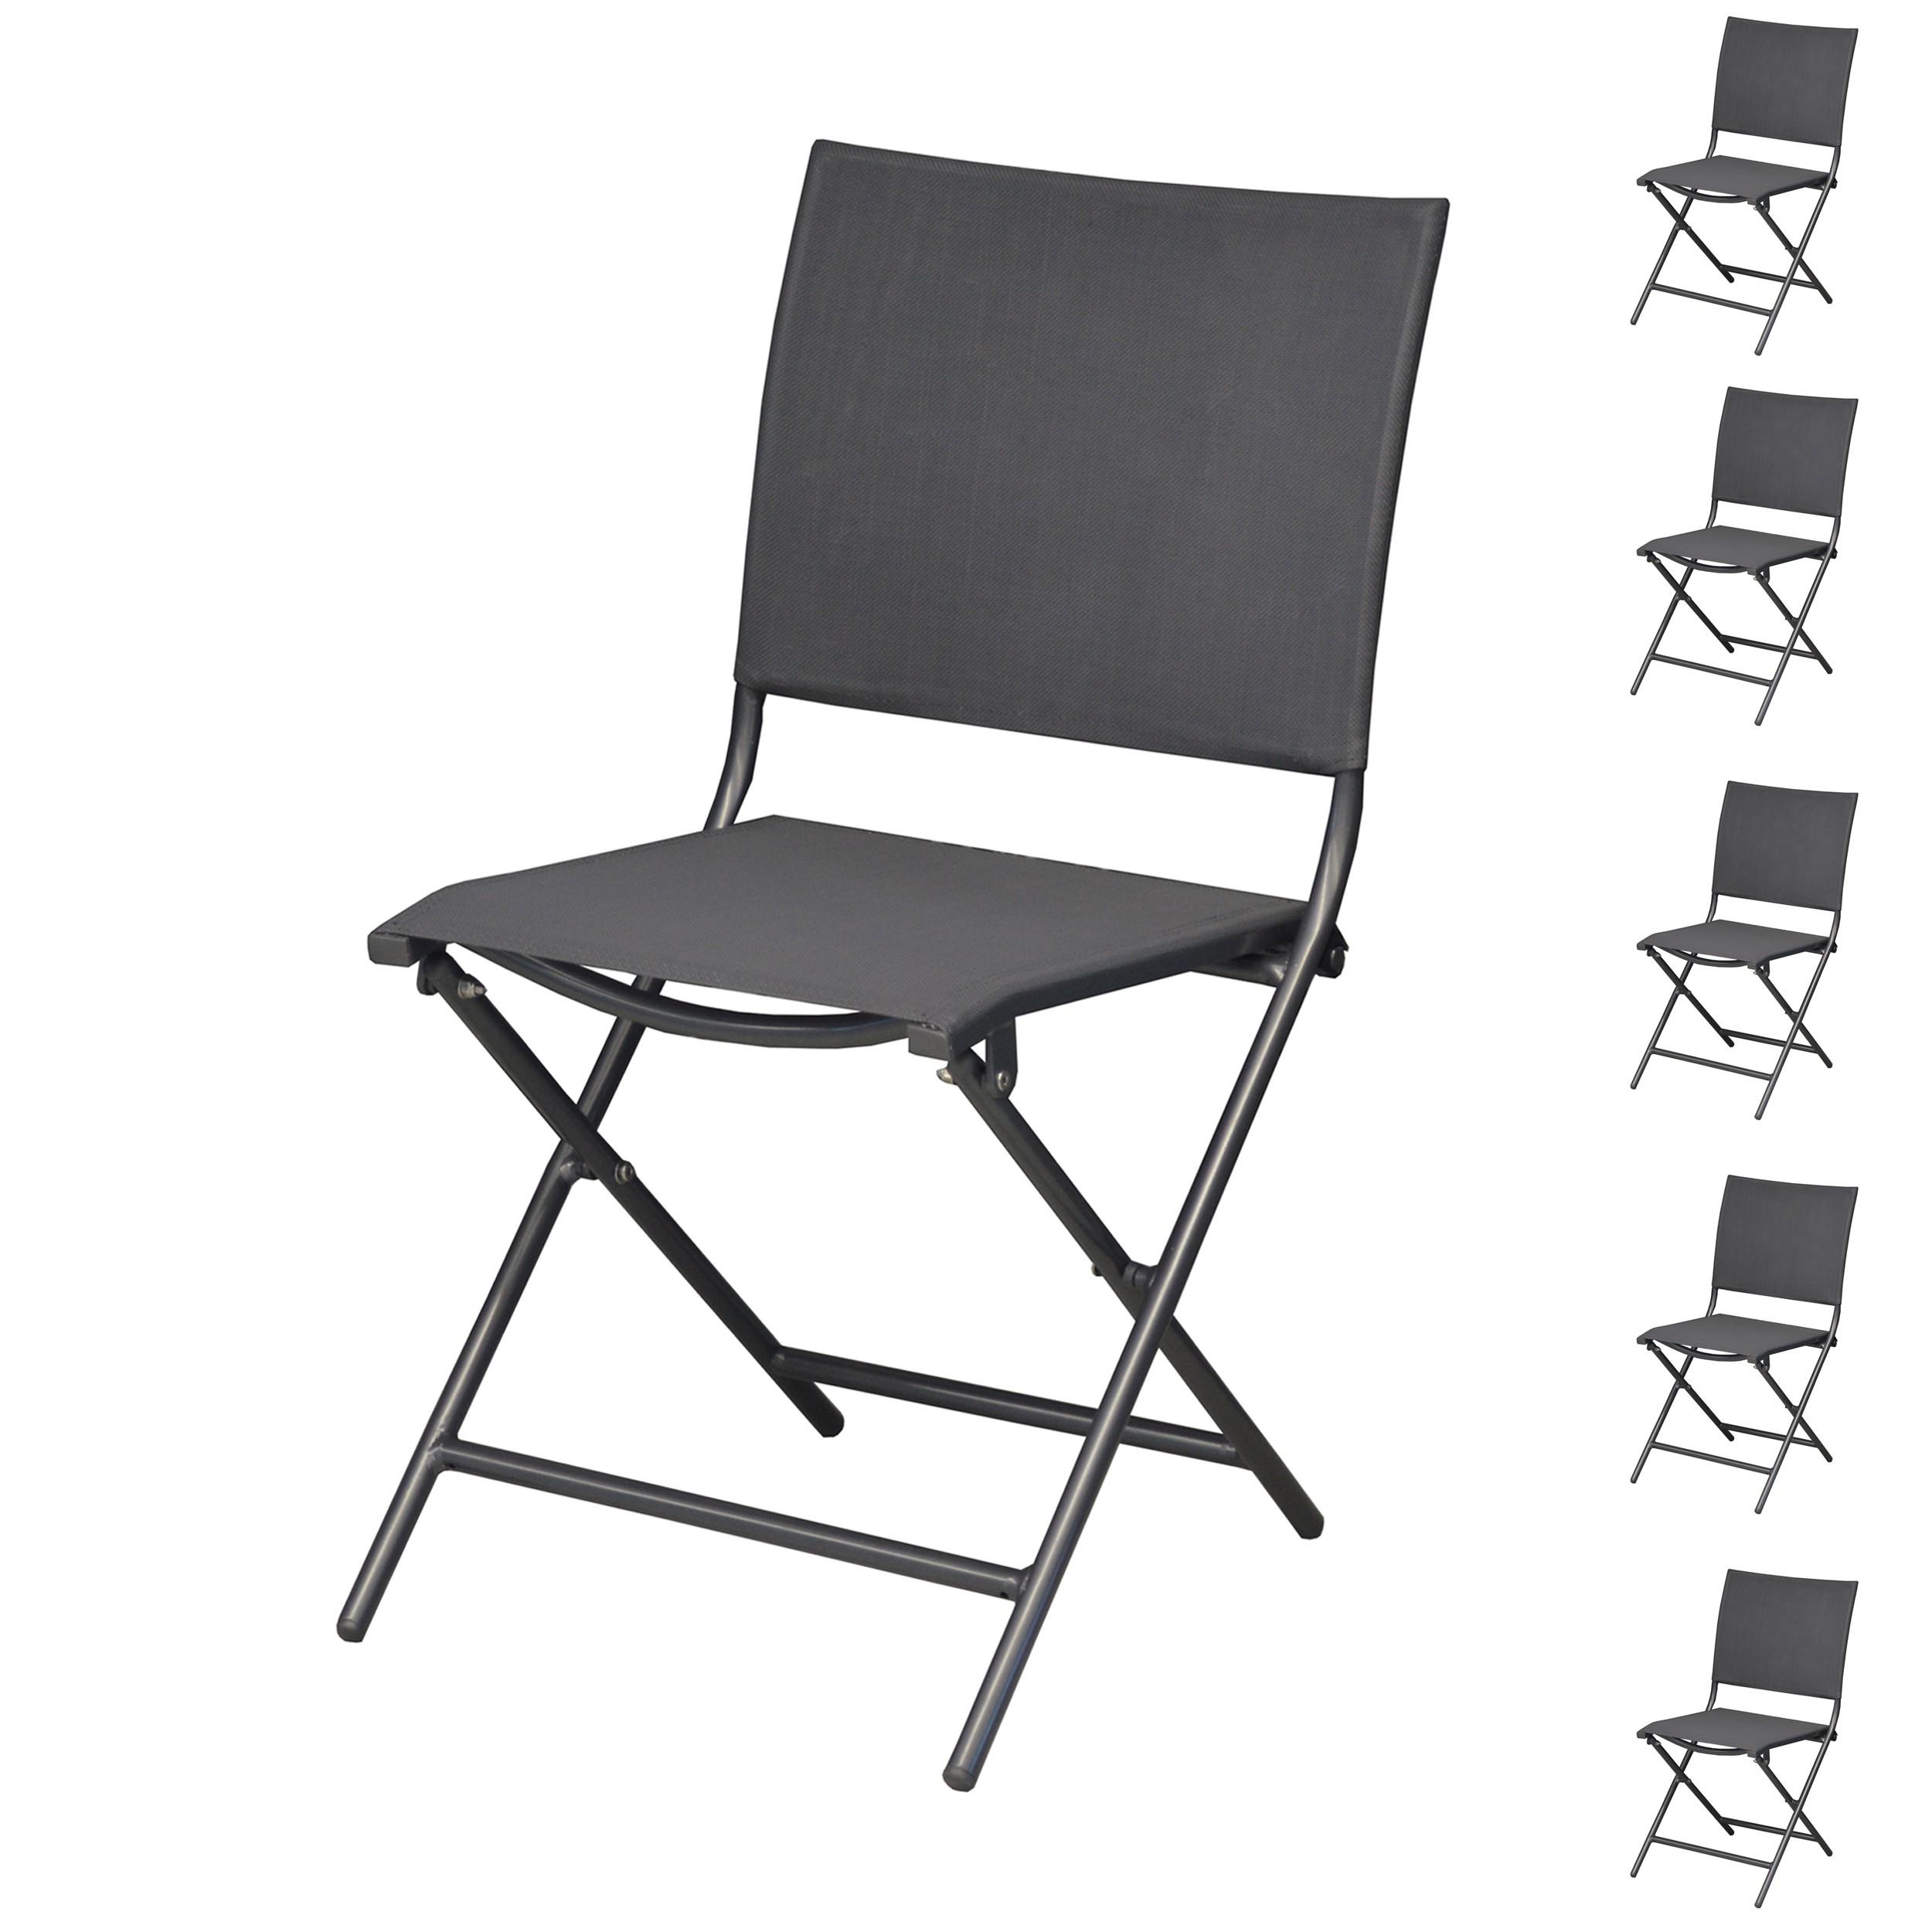 acheter chaise lot de 6 gris